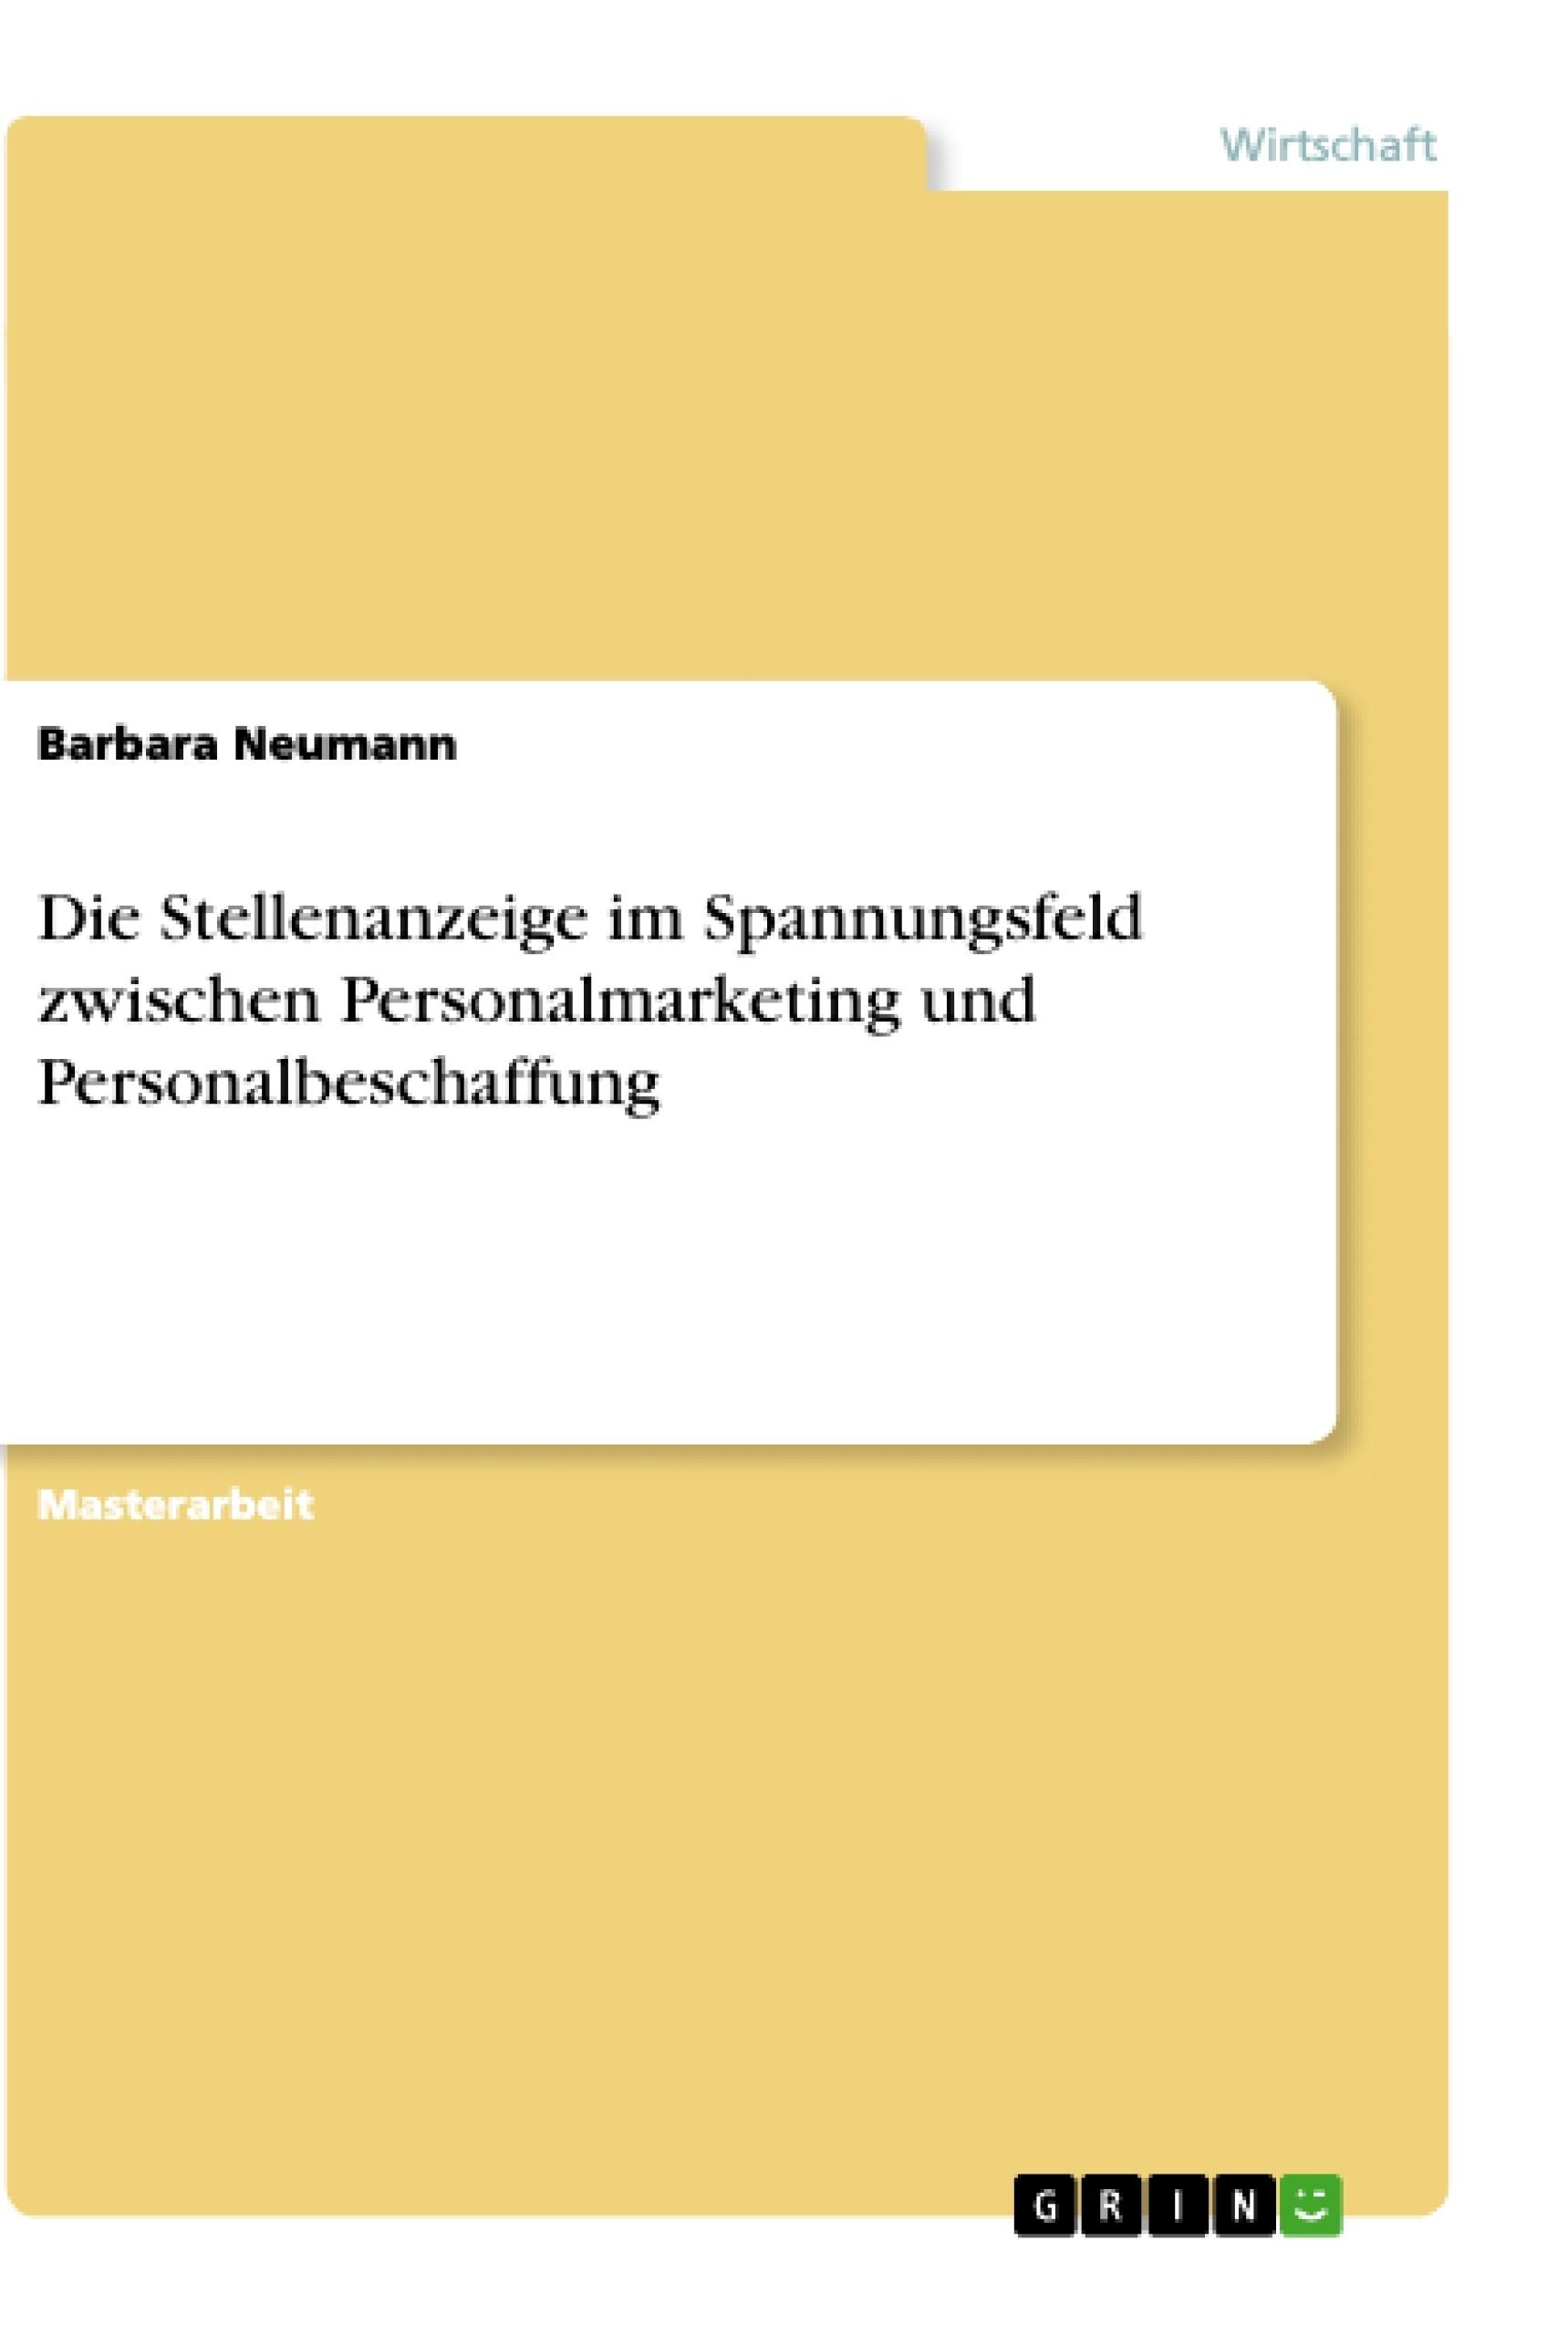 Titel: Die Stellenanzeige im Spannungsfeld zwischen Personalmarketing und Personalbeschaffung